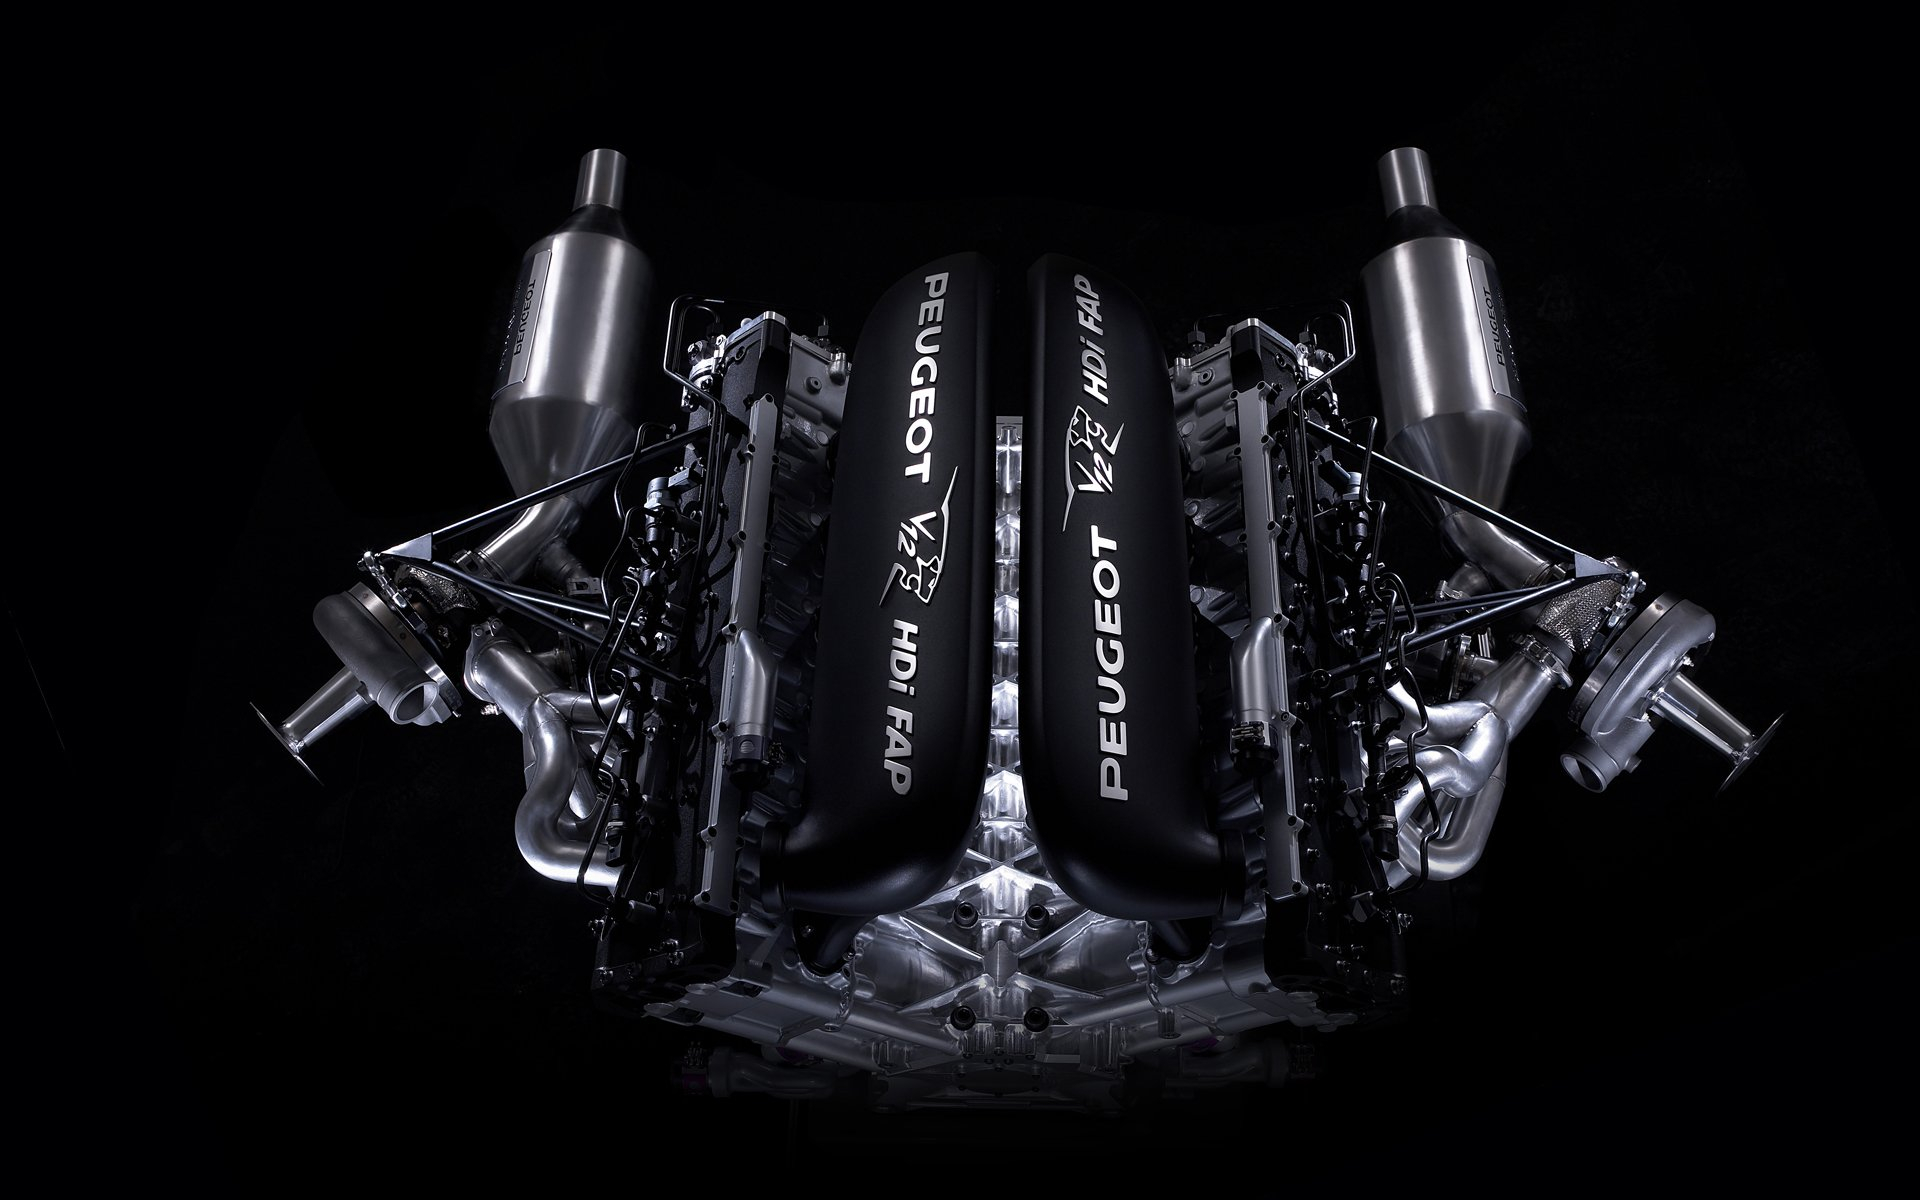 картинки с двигателями на рабочий стол группы лисёнок